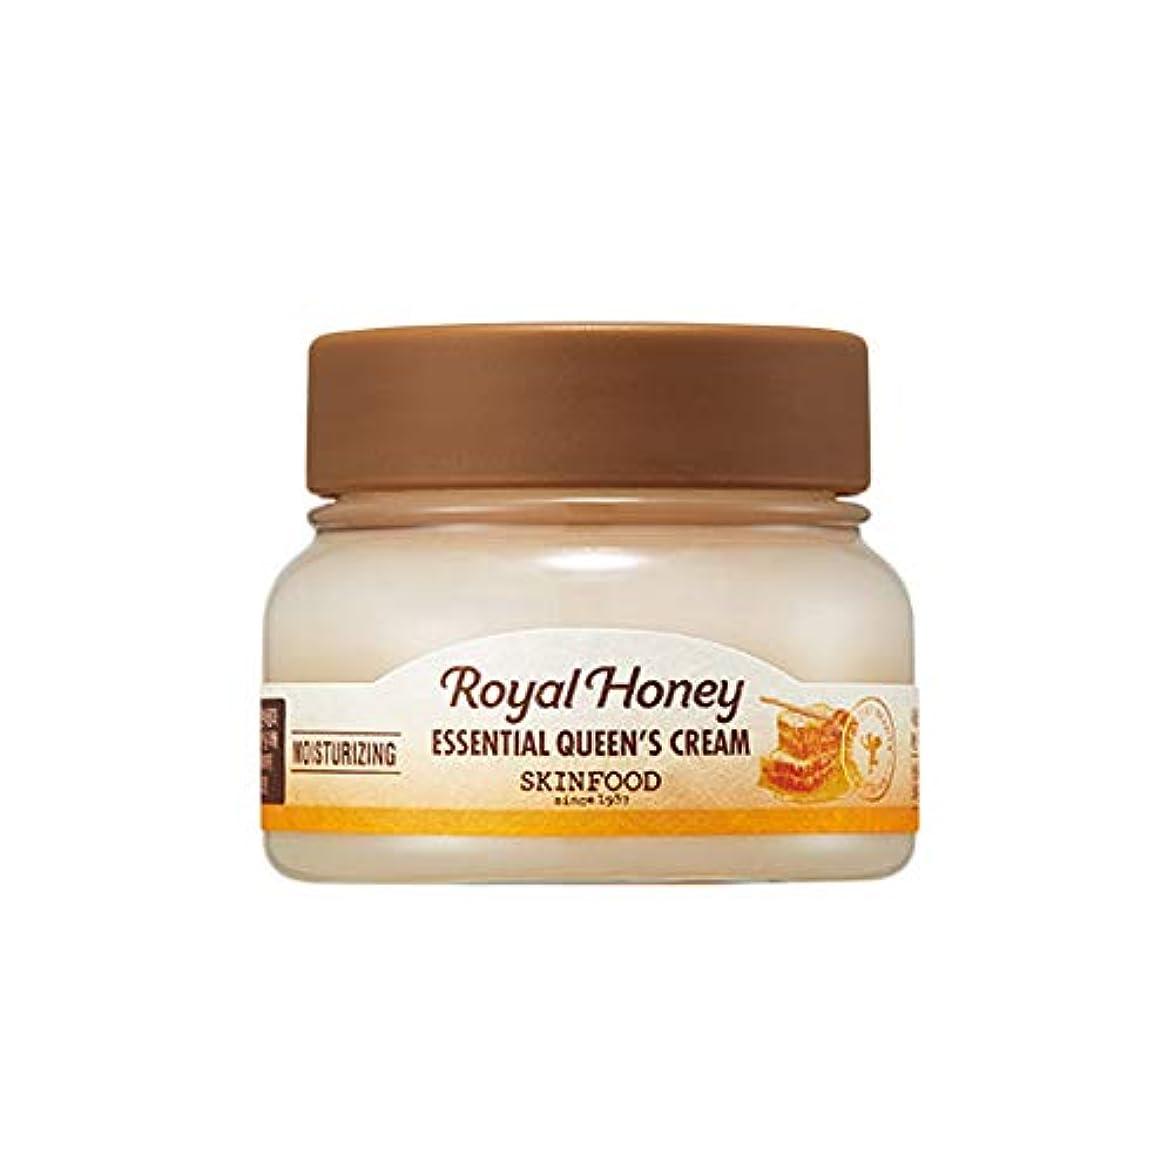 後ろ、背後、背面(部世紀大邸宅Skinfood ロイヤルハニーエッセンシャルクイーンクリーム/Royal Honey Essential Queen's Cream 62ml [並行輸入品]